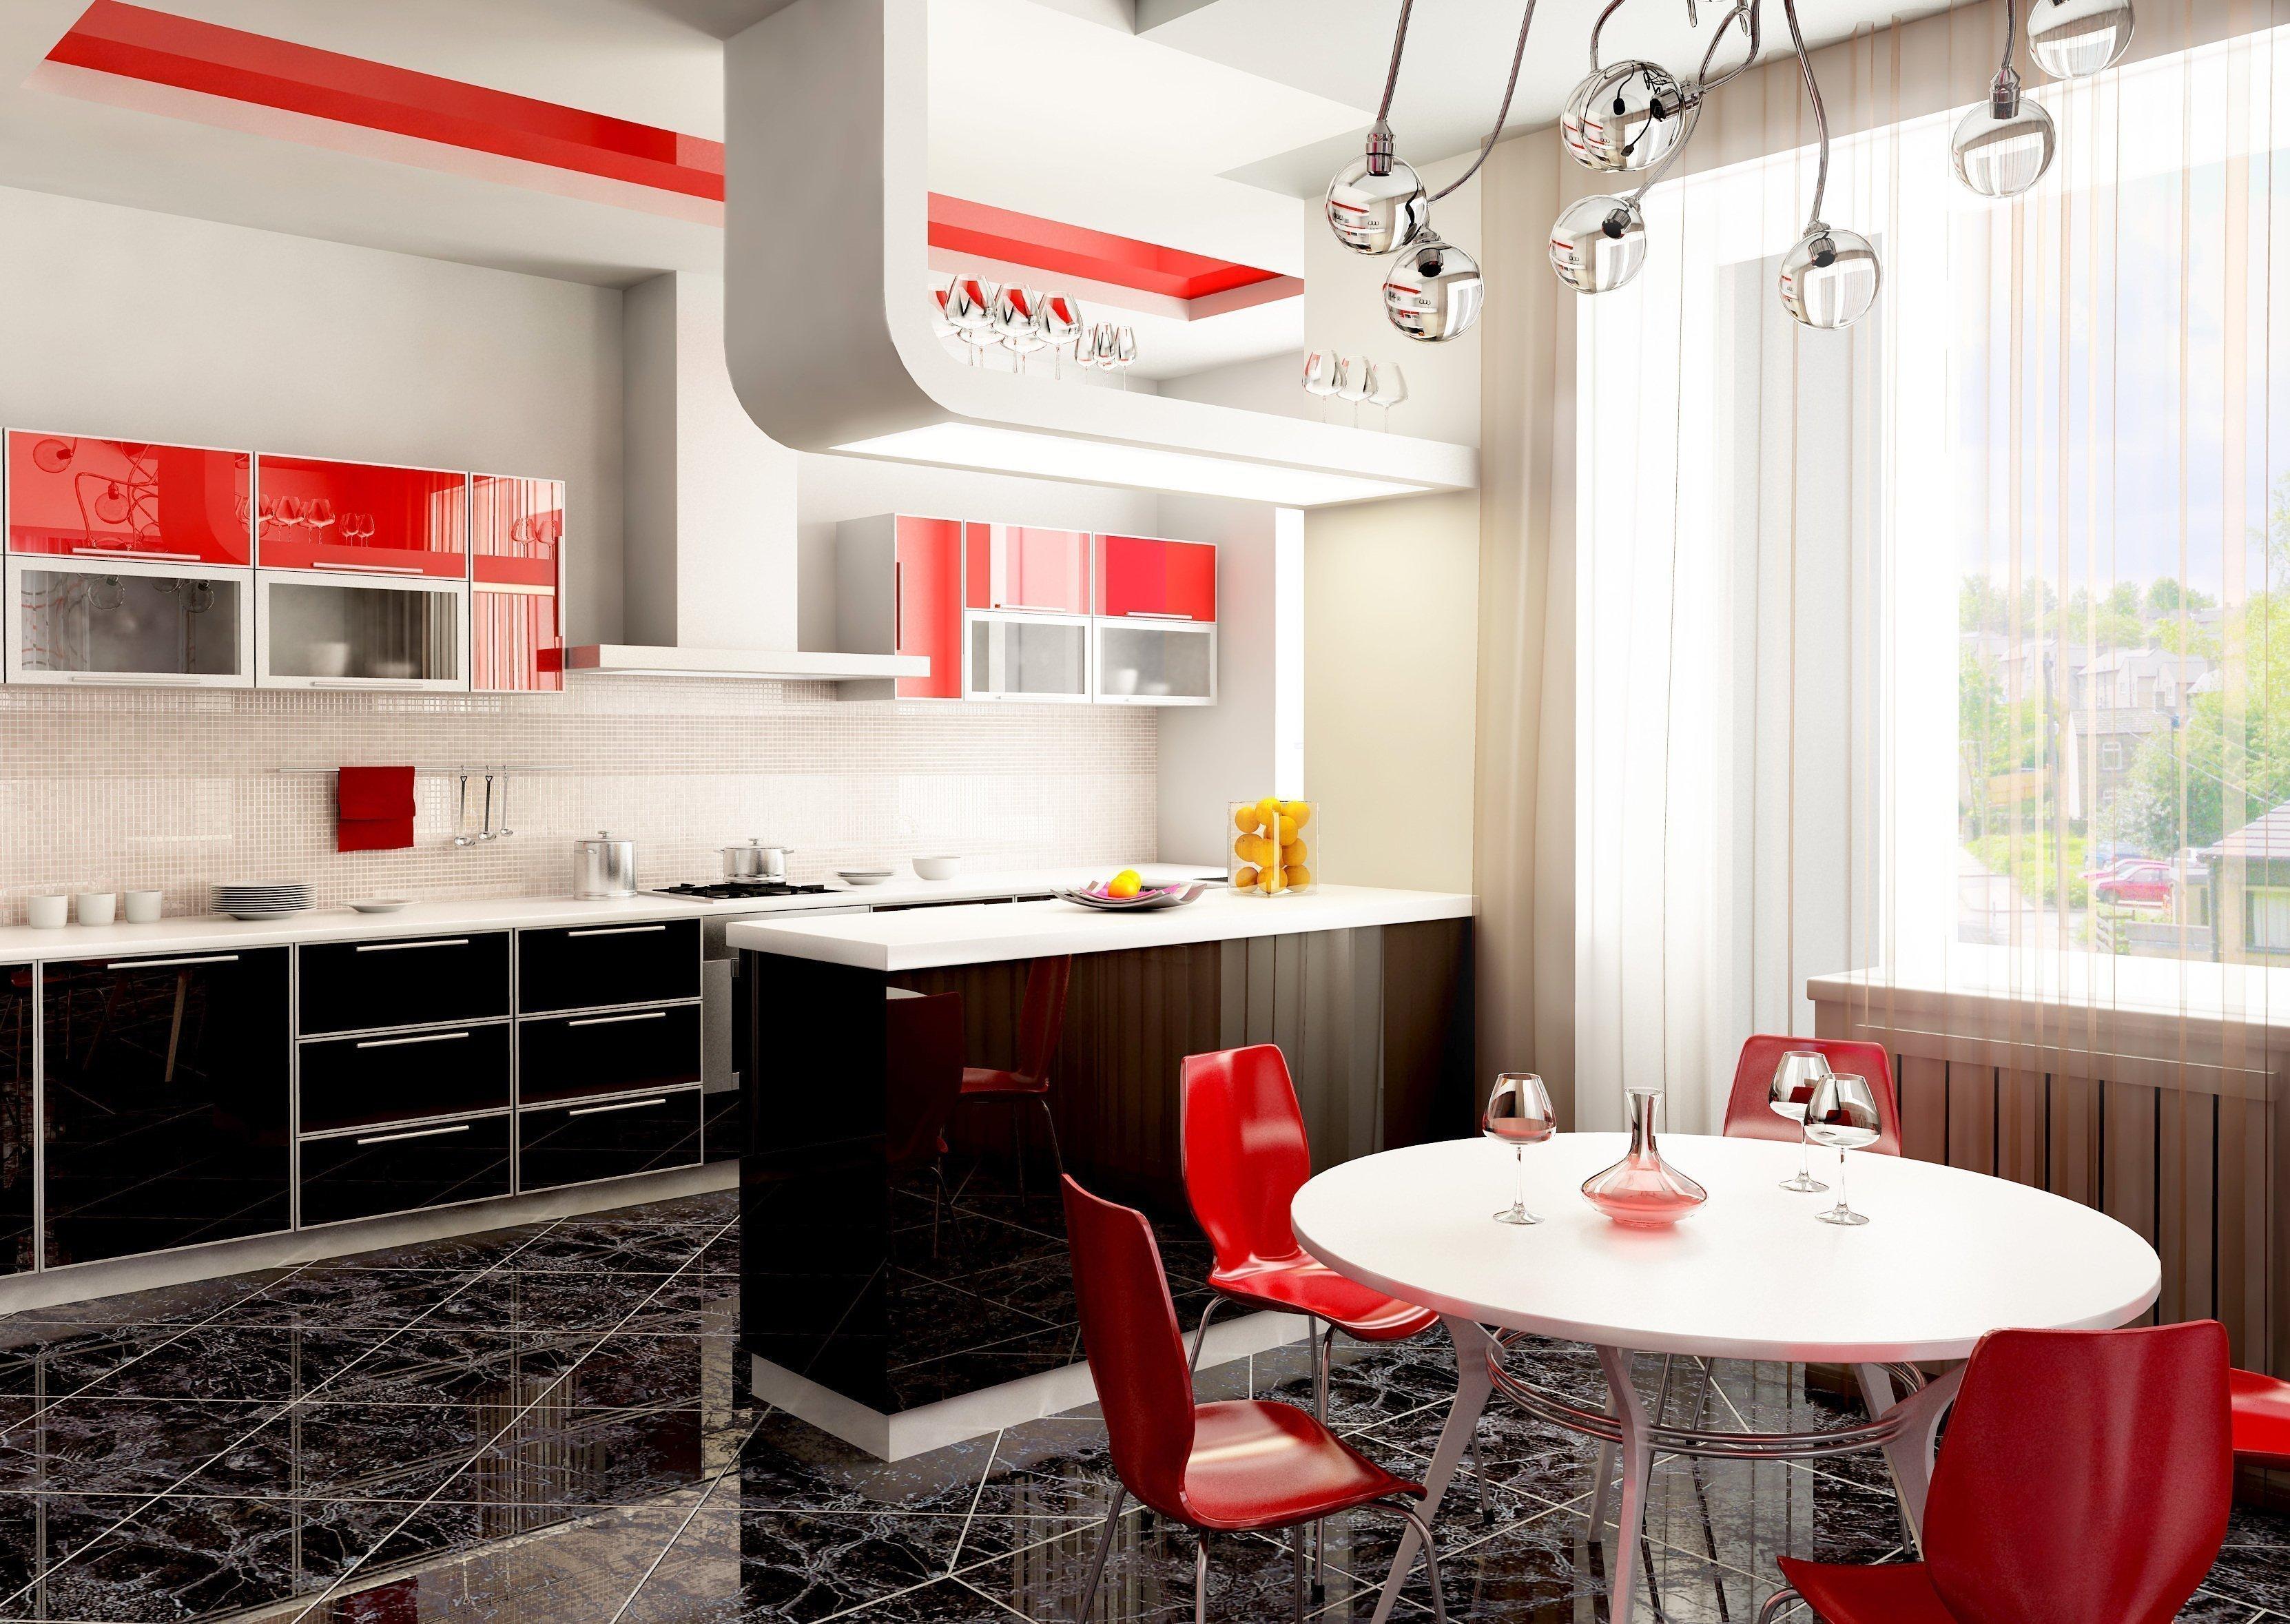 Светлый интерьер кухни в квартире с красными акцентами